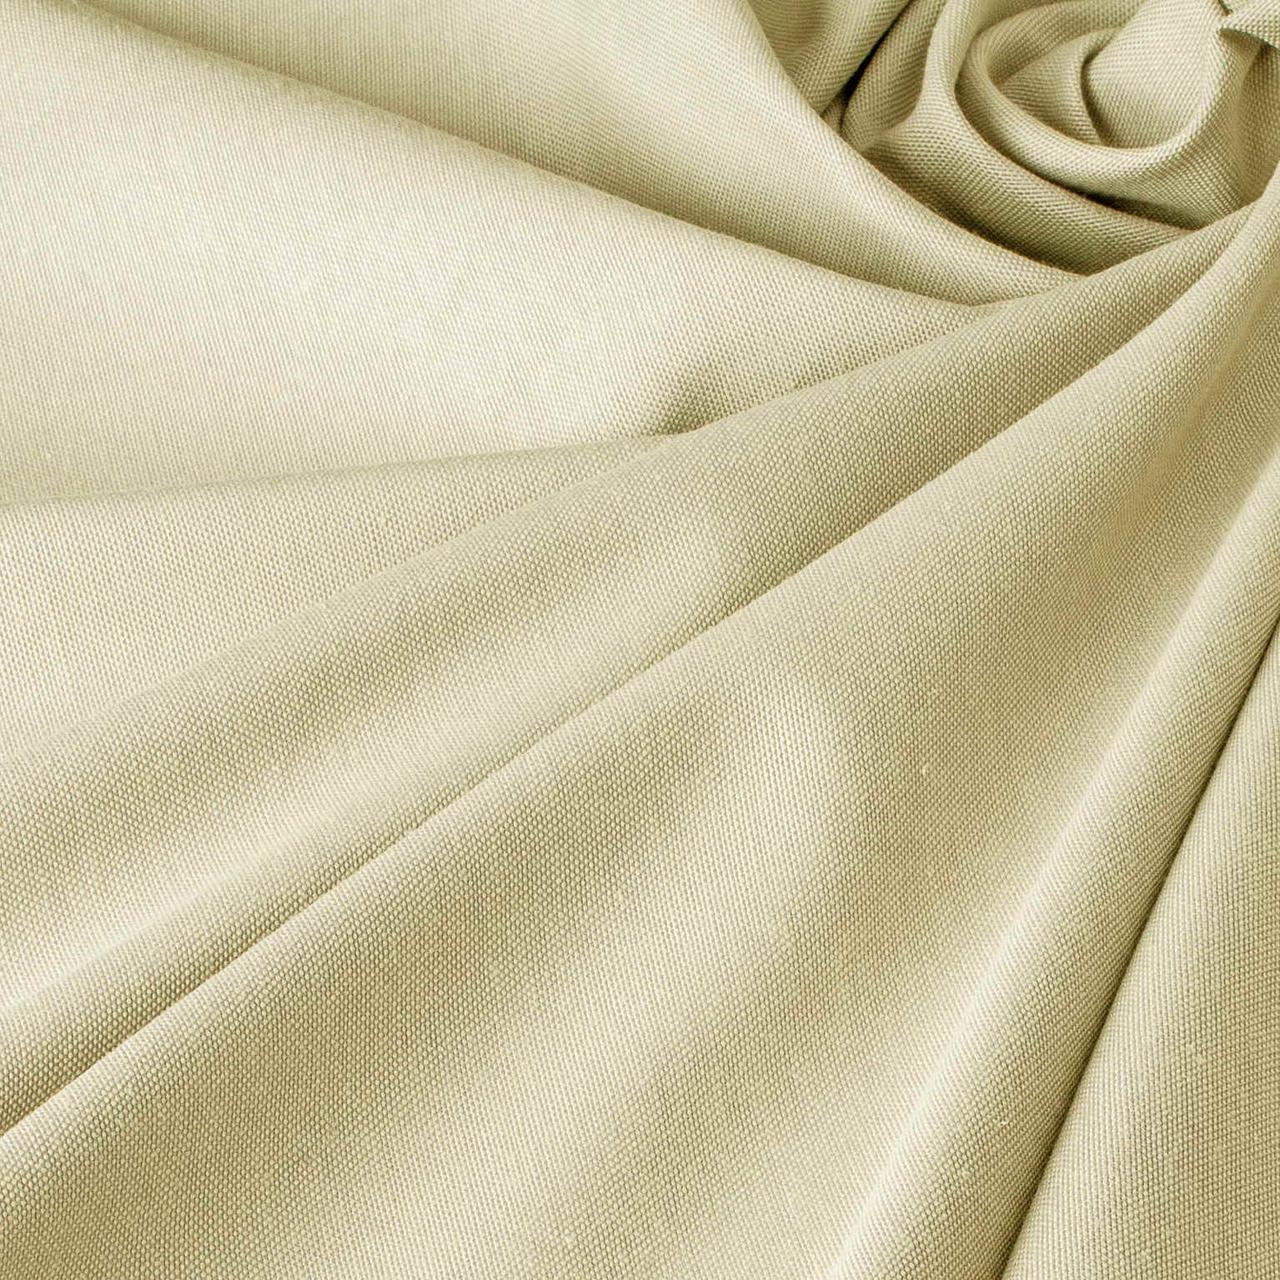 Декоративна однотонна тканина молочного кольору з тефлоновим просоченням 320см PFP - 00/84650